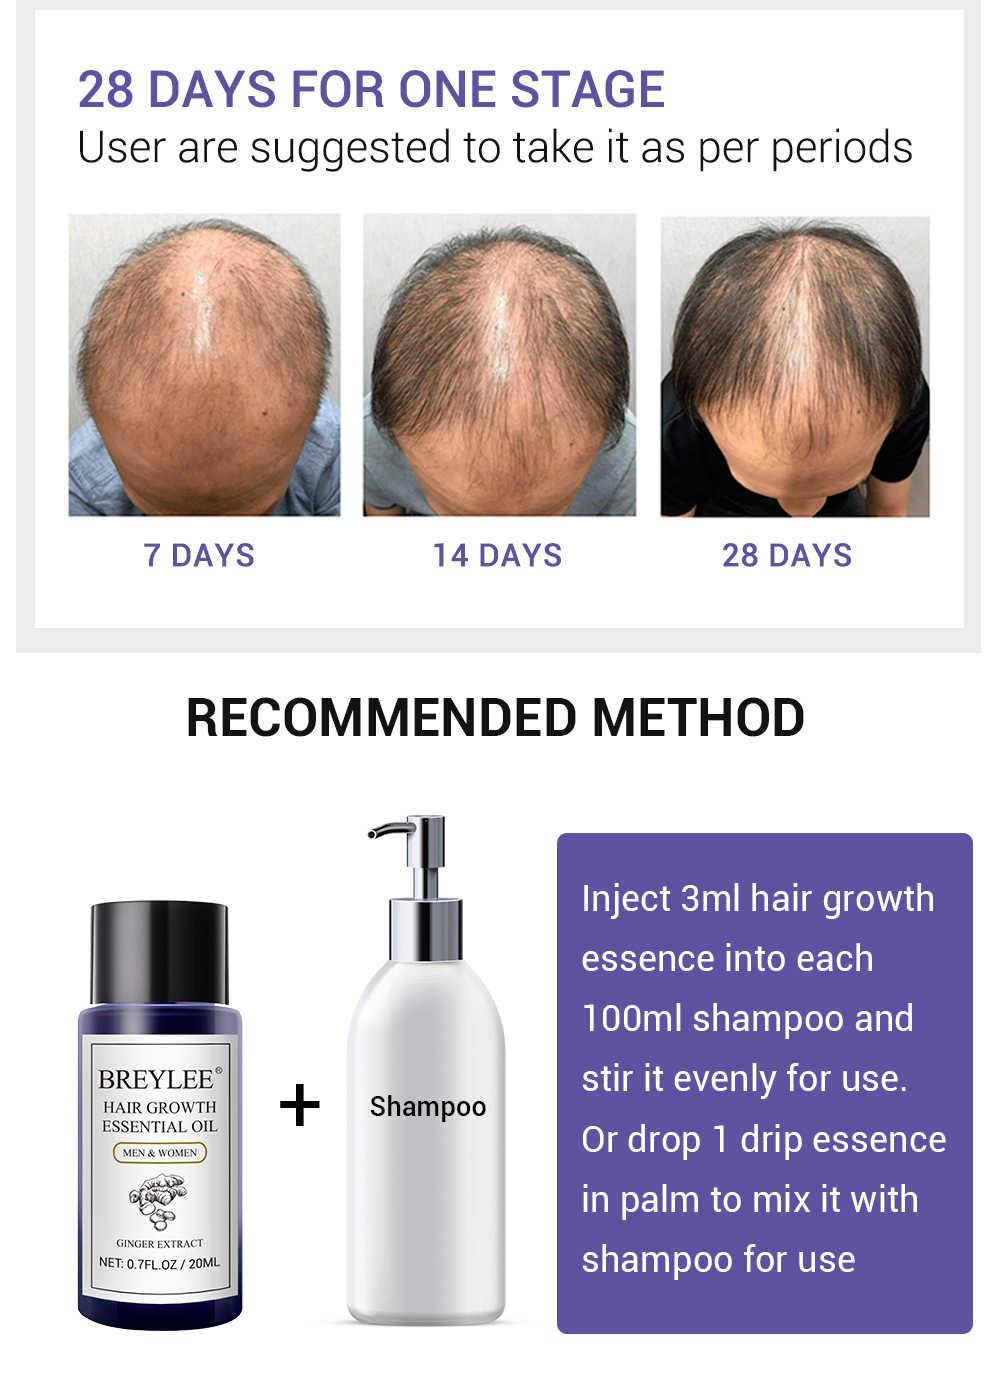 Aceite esencial para el crecimiento del cabello, productos potentes para la pérdida del cabello, cuidado del cabello, previene la calvicie, suero líquido para la pérdida de cabello, 1 unidad, TSLM2